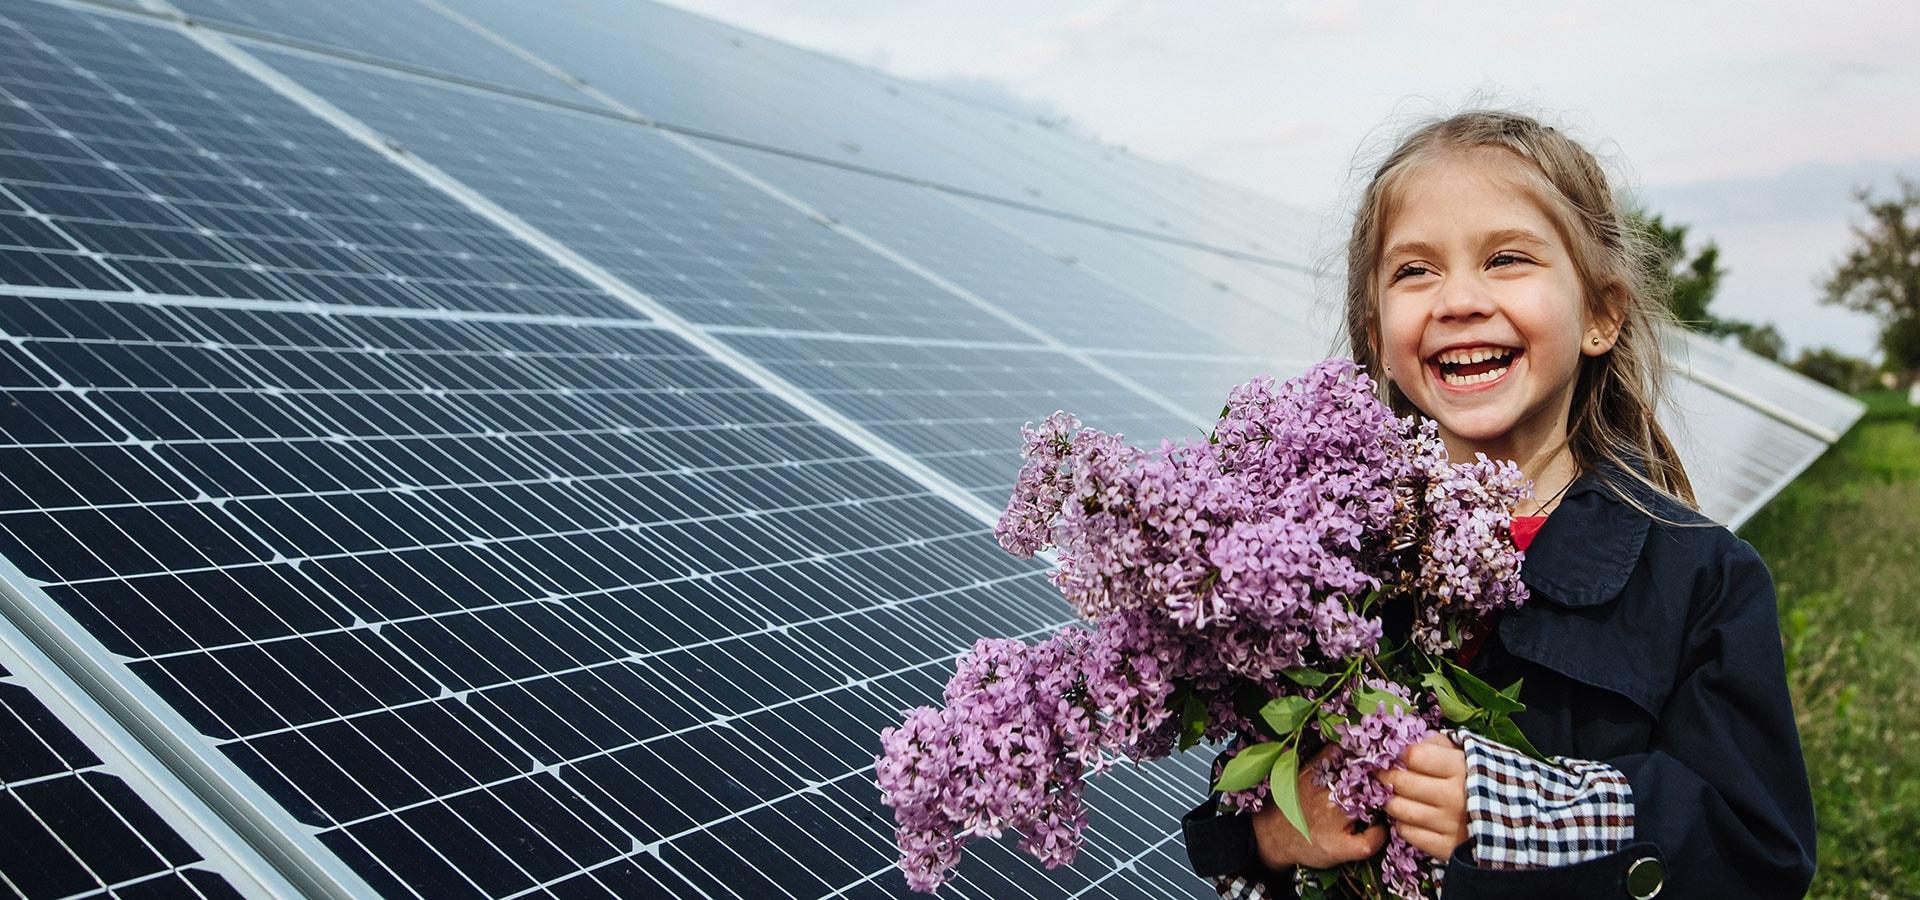 Lachendes Mädchen vor Photovoltaik-Anlage